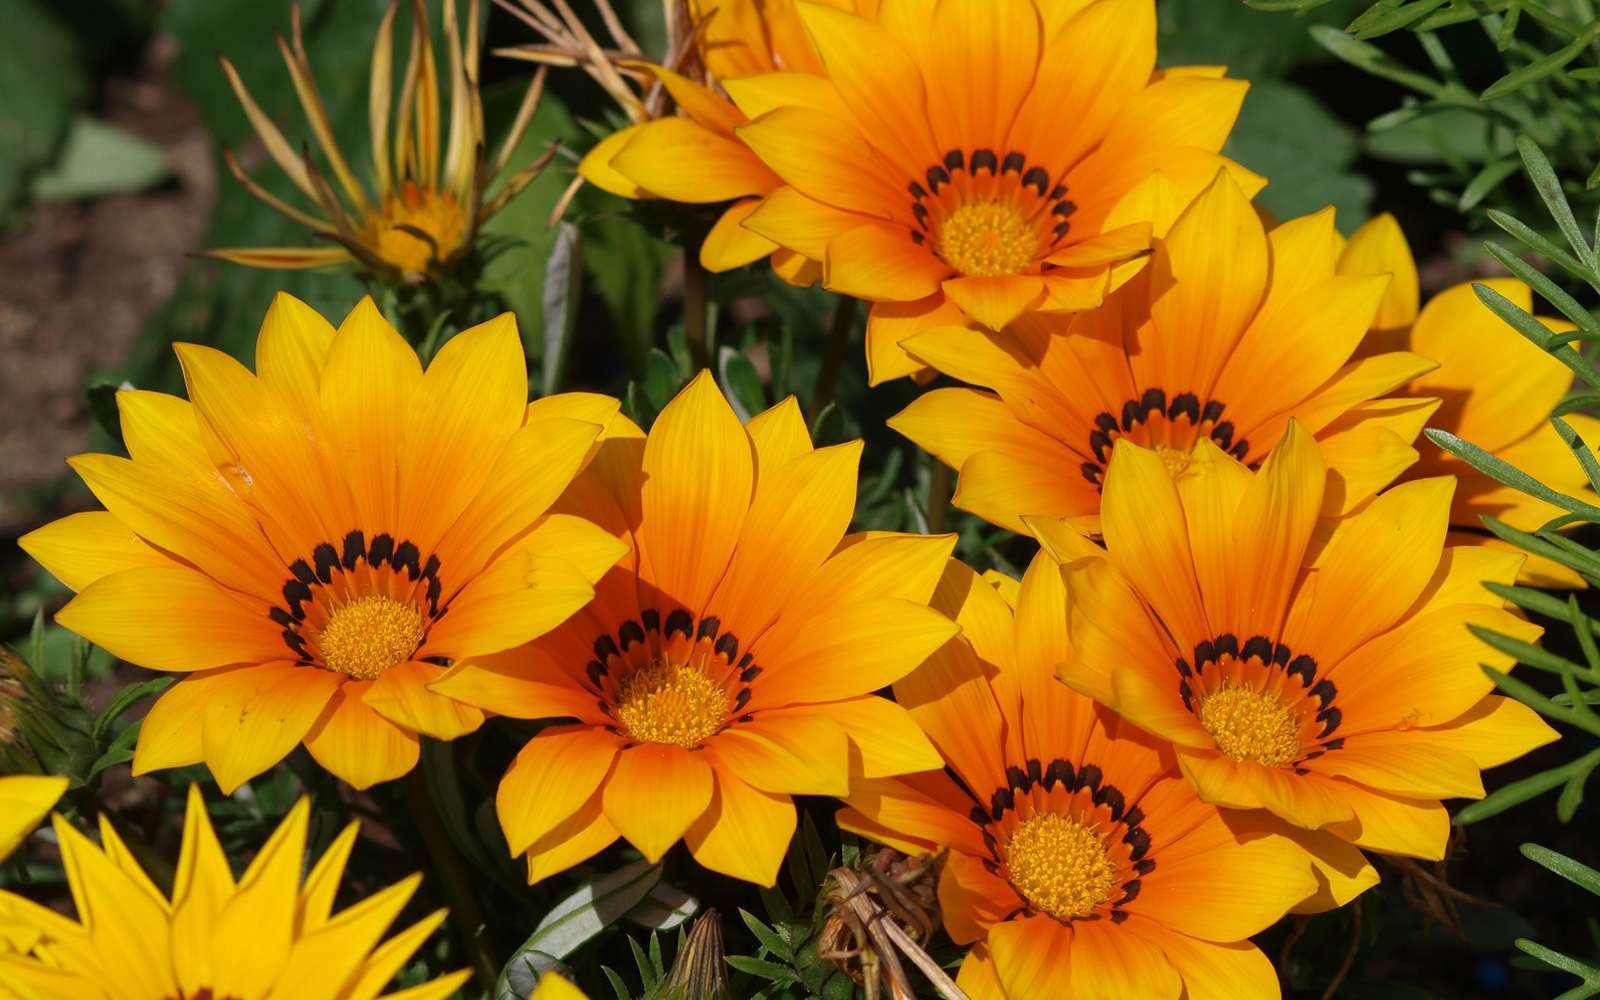 Les gazanias sont des fleurs qui aiment le soleil. En l'absence de soleil, elles se referment. © Marc, Fotolia